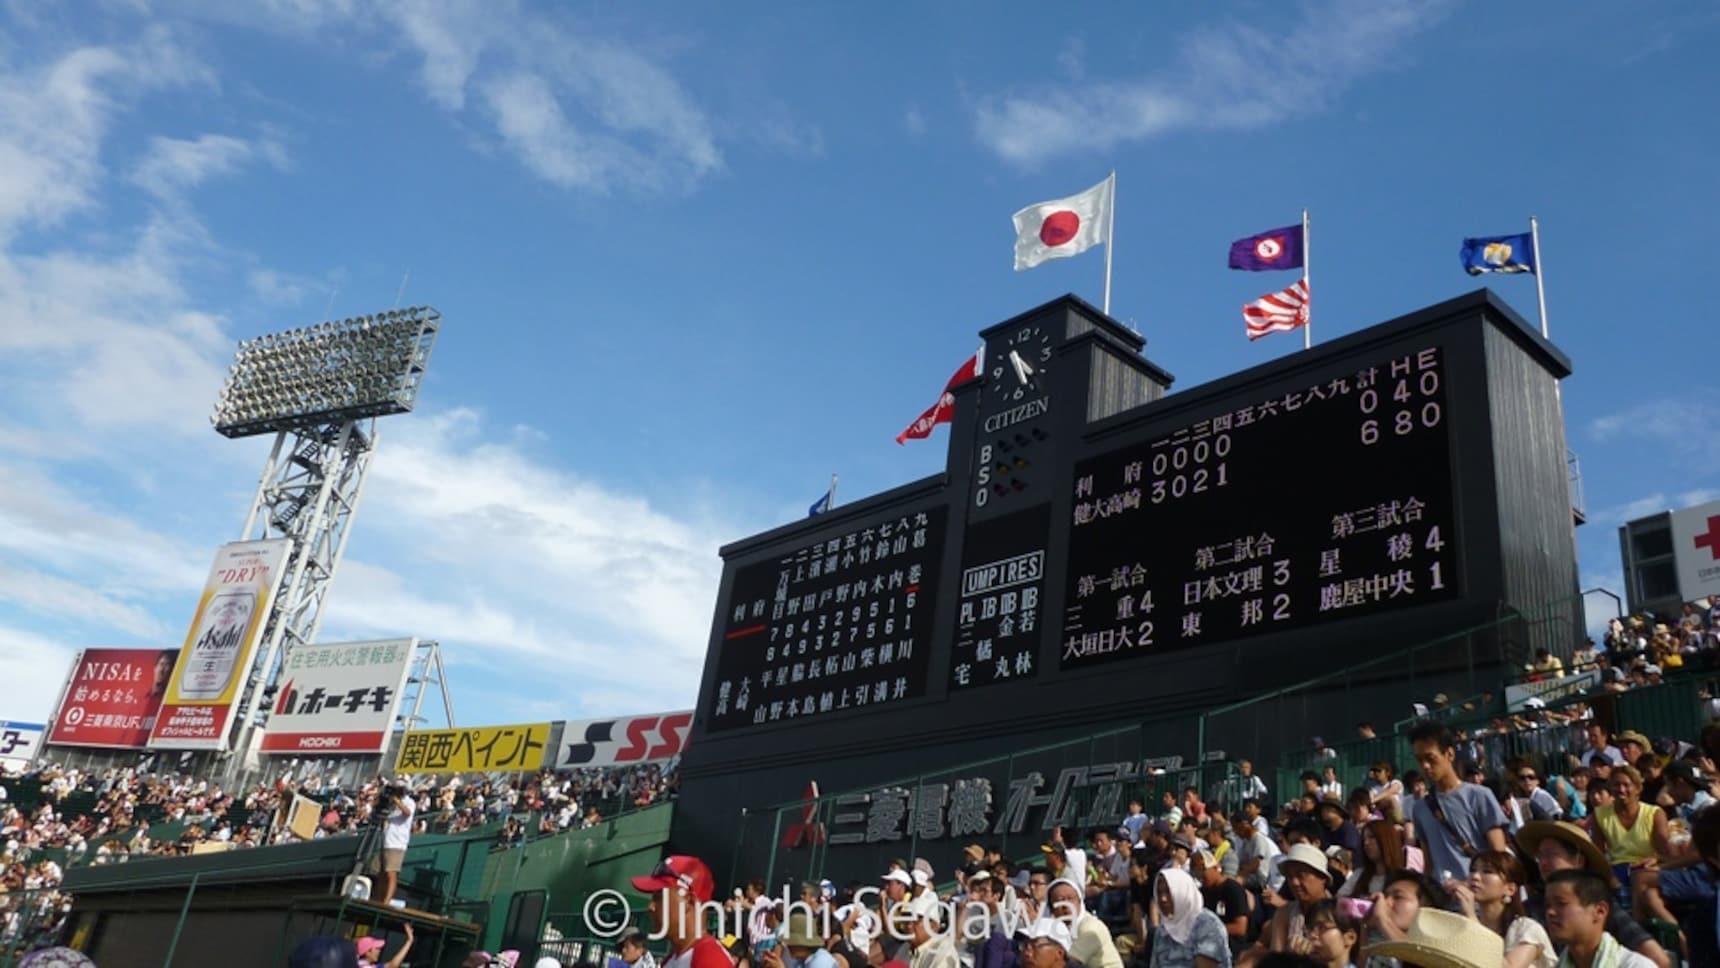 甲子園,一場全日本都為之瘋狂的野球大會。